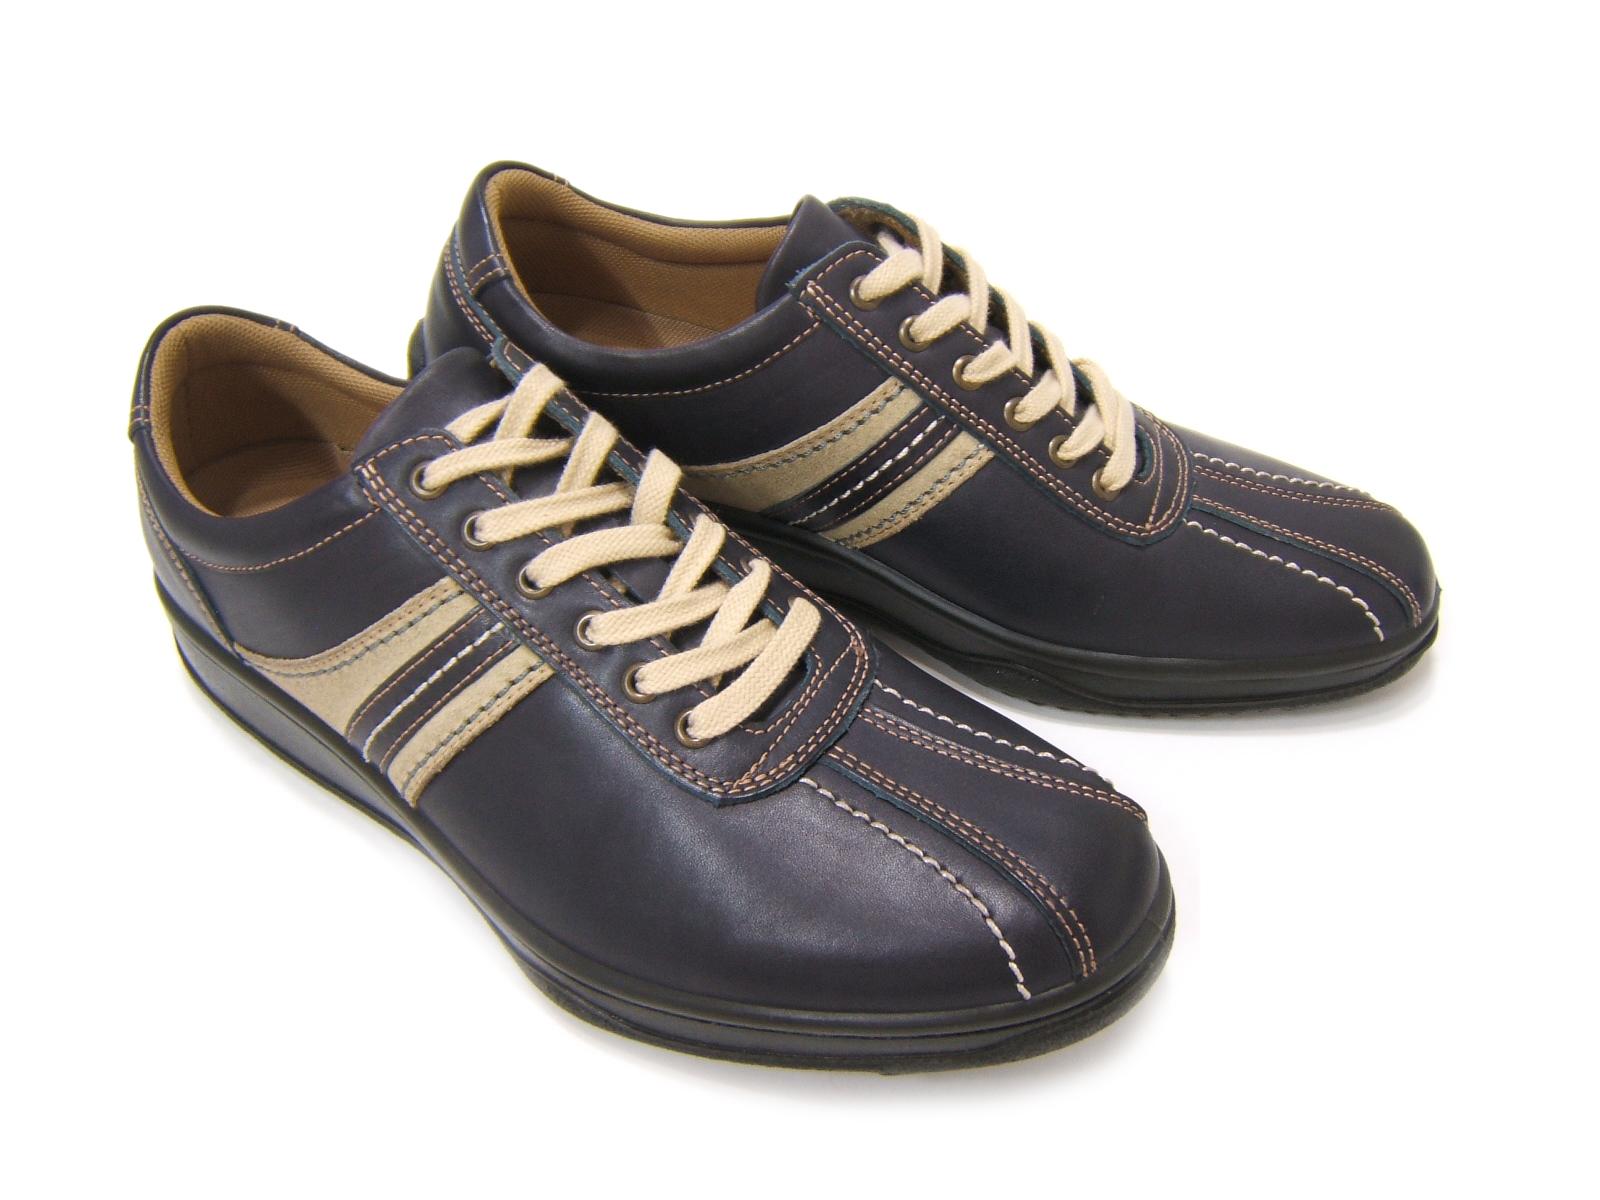 ボブソン 紳士靴 カジュアル タウン 超特価 3E 幅広 普段履き BOBSON 全国どこでも送料無料 BO-5443 スニーカー感覚で履けるタウンカジュアル スニーカータイプ 紳士カジュアル ネイビー 送料無料